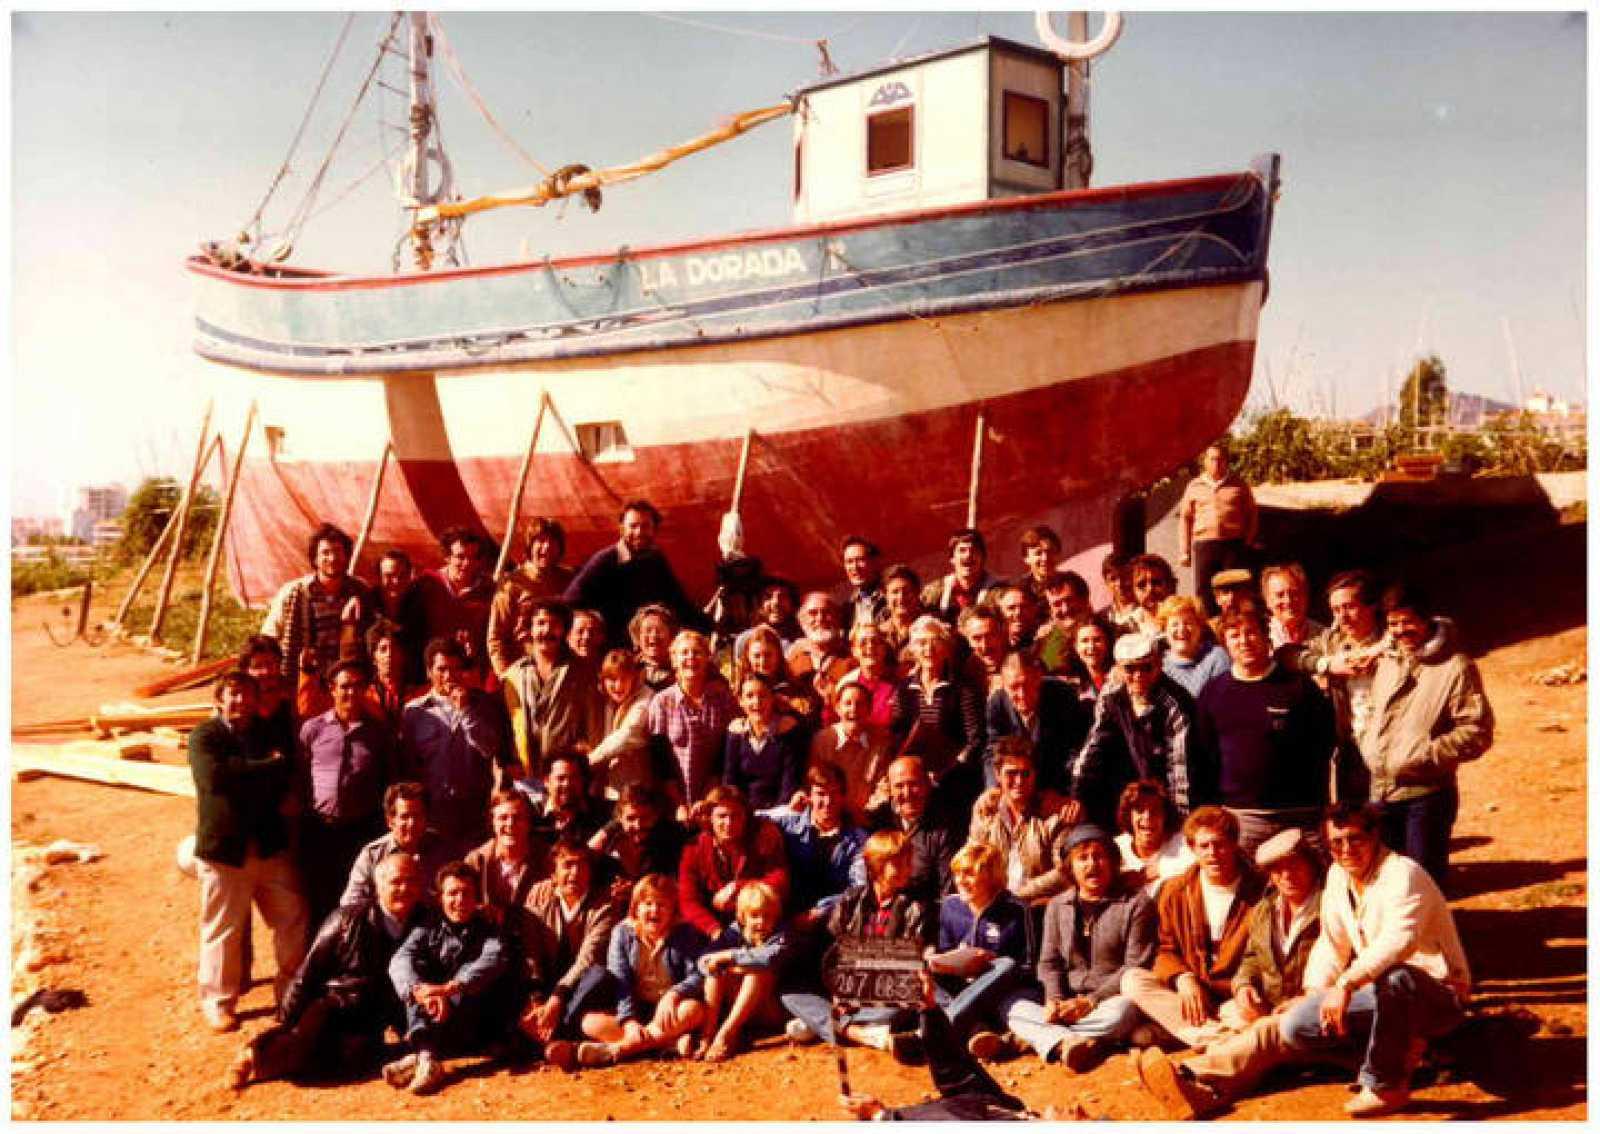 Foto del equipo antes de desmontar el barco 'La Dorada'